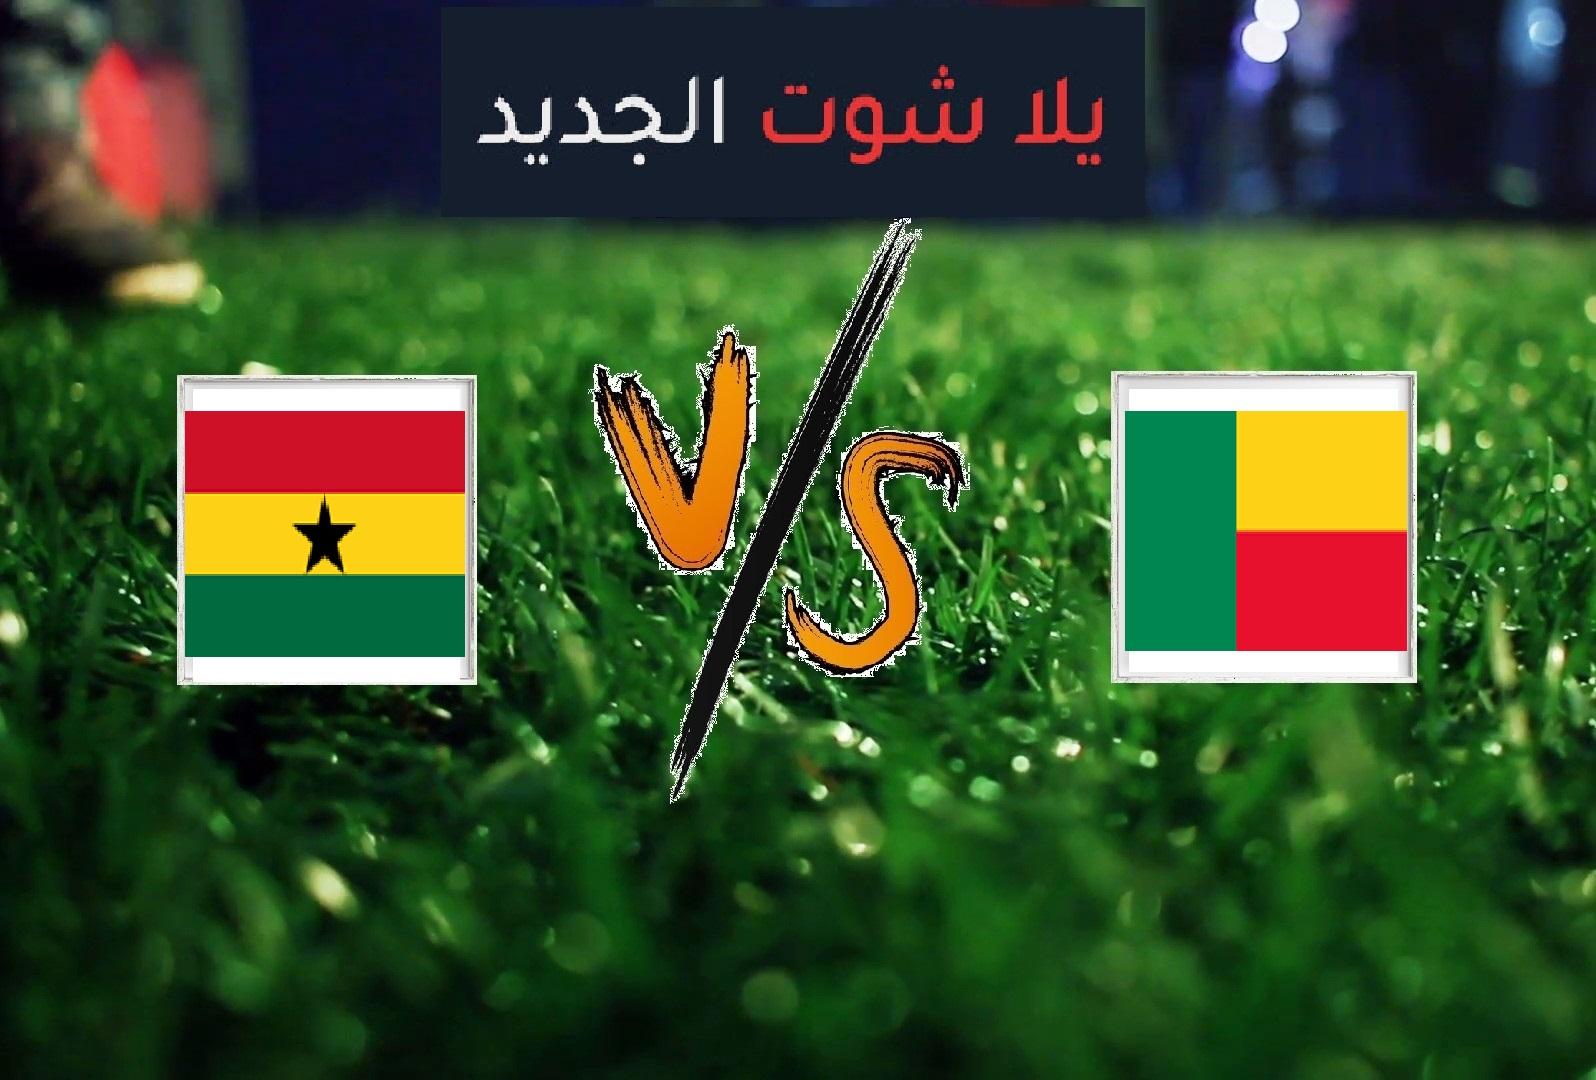 نتيجة مباراة غانا وبنين اليوم الثلاثاء بتاريخ 25-06-2019 كأس الأمم الأفريقية